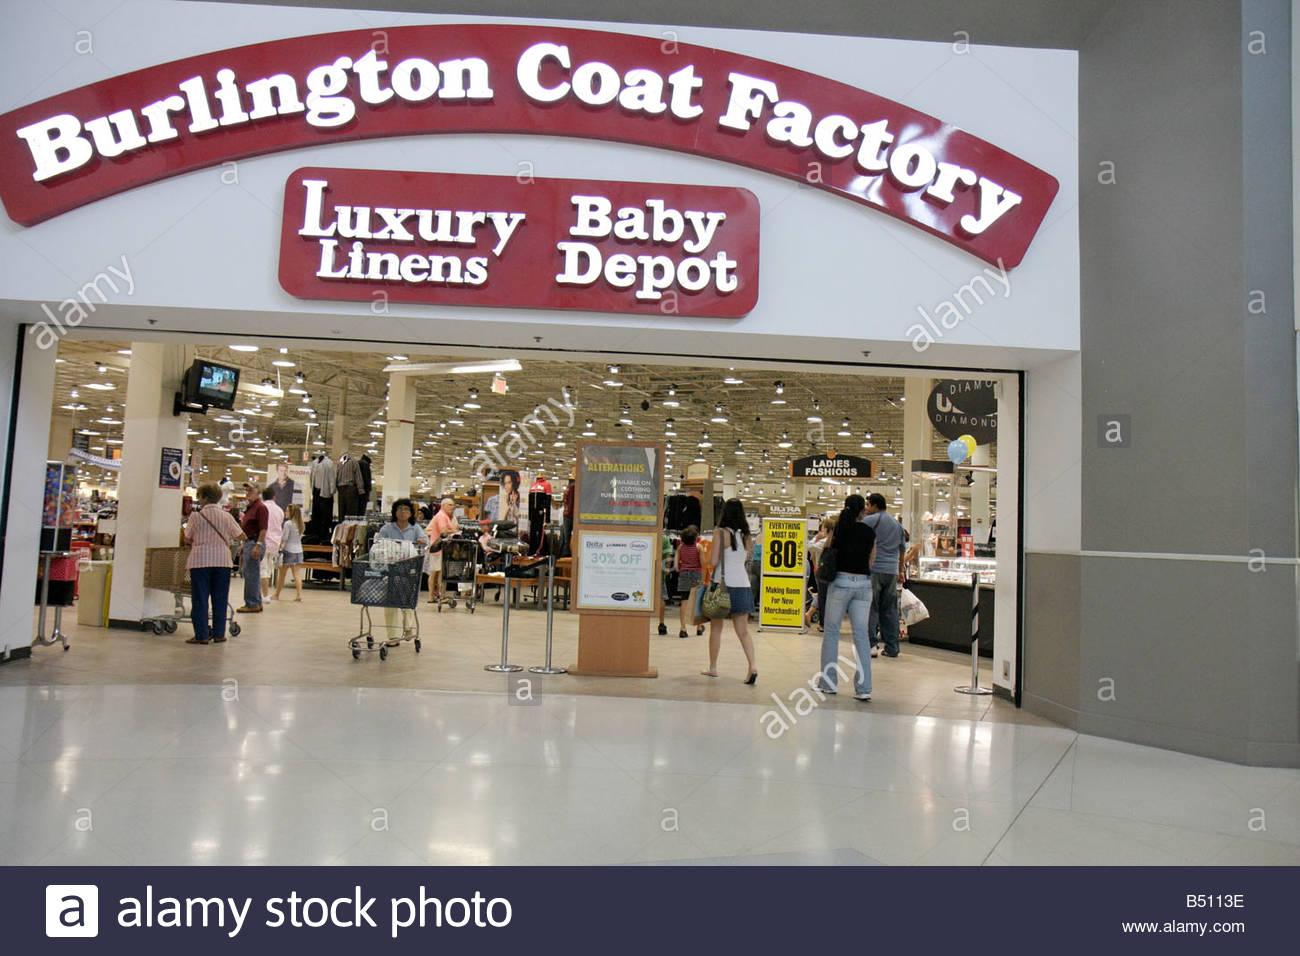 Images of Burlington Coat Factory Wiki - Giftlist